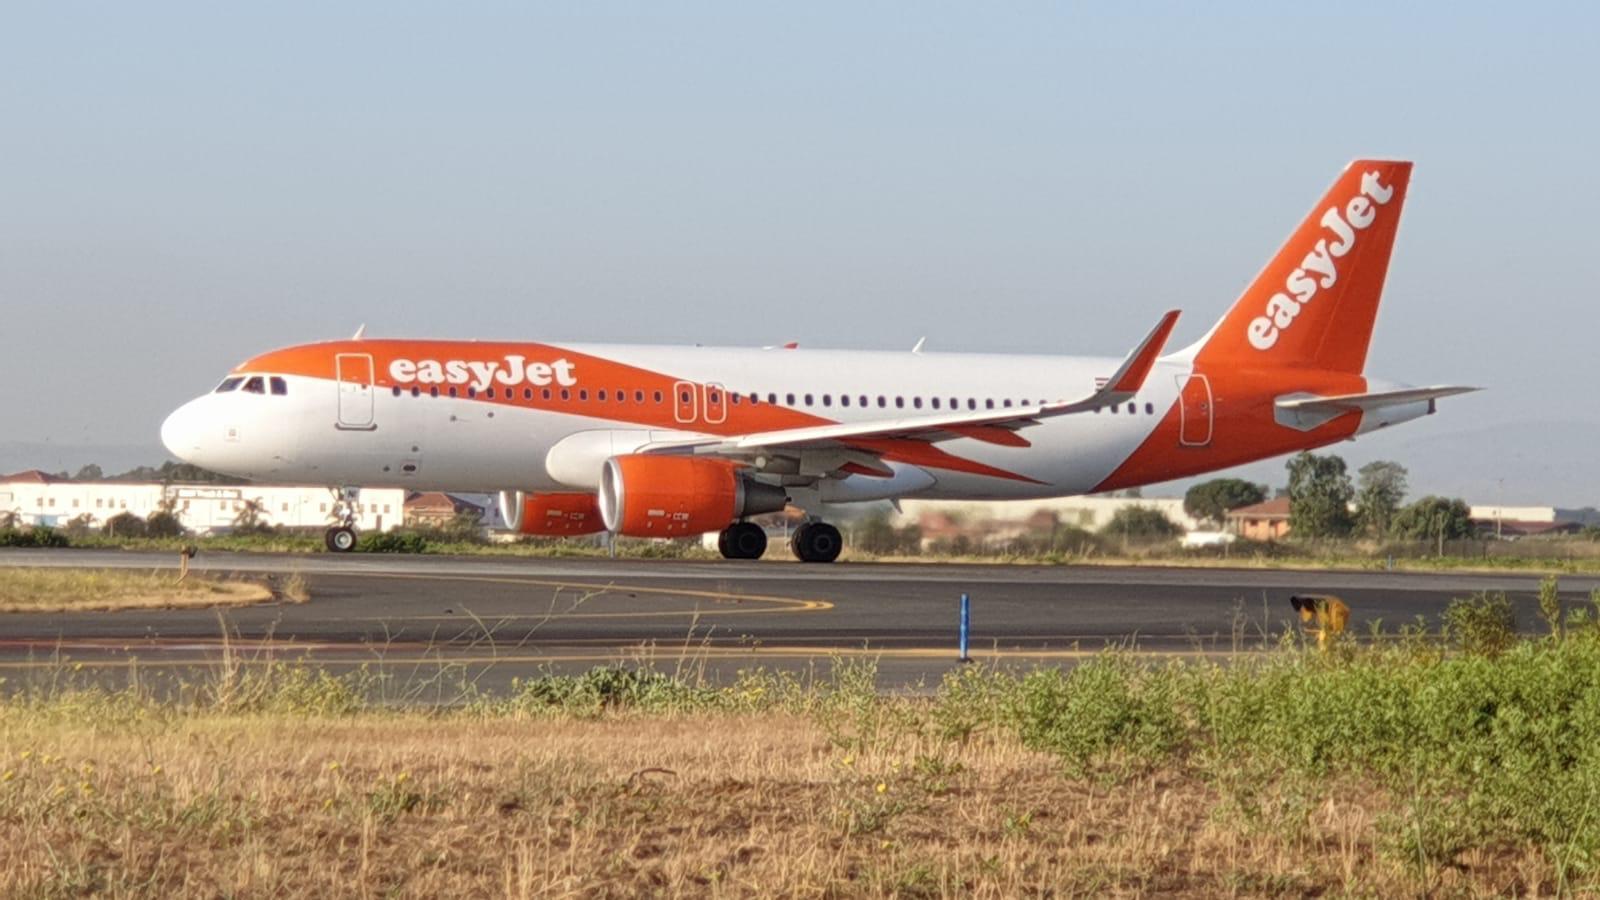 Aeroporto di Catania: easyJet annuncia nuovo collegamento con Milano Linate